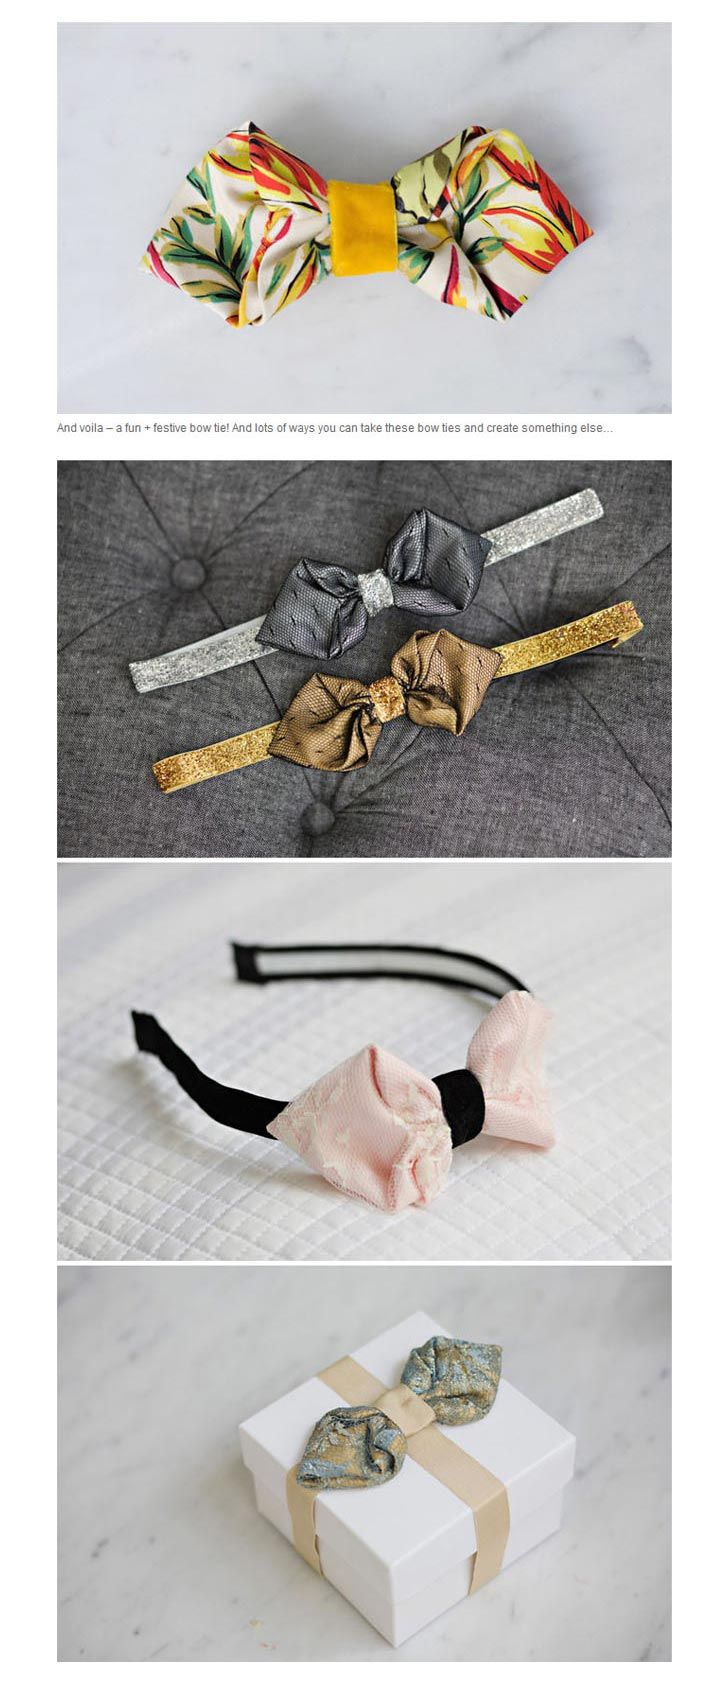 新郎さん用 蝶ネクタイを作る方法 | 結婚式 DIY&ハンドメイド作り方